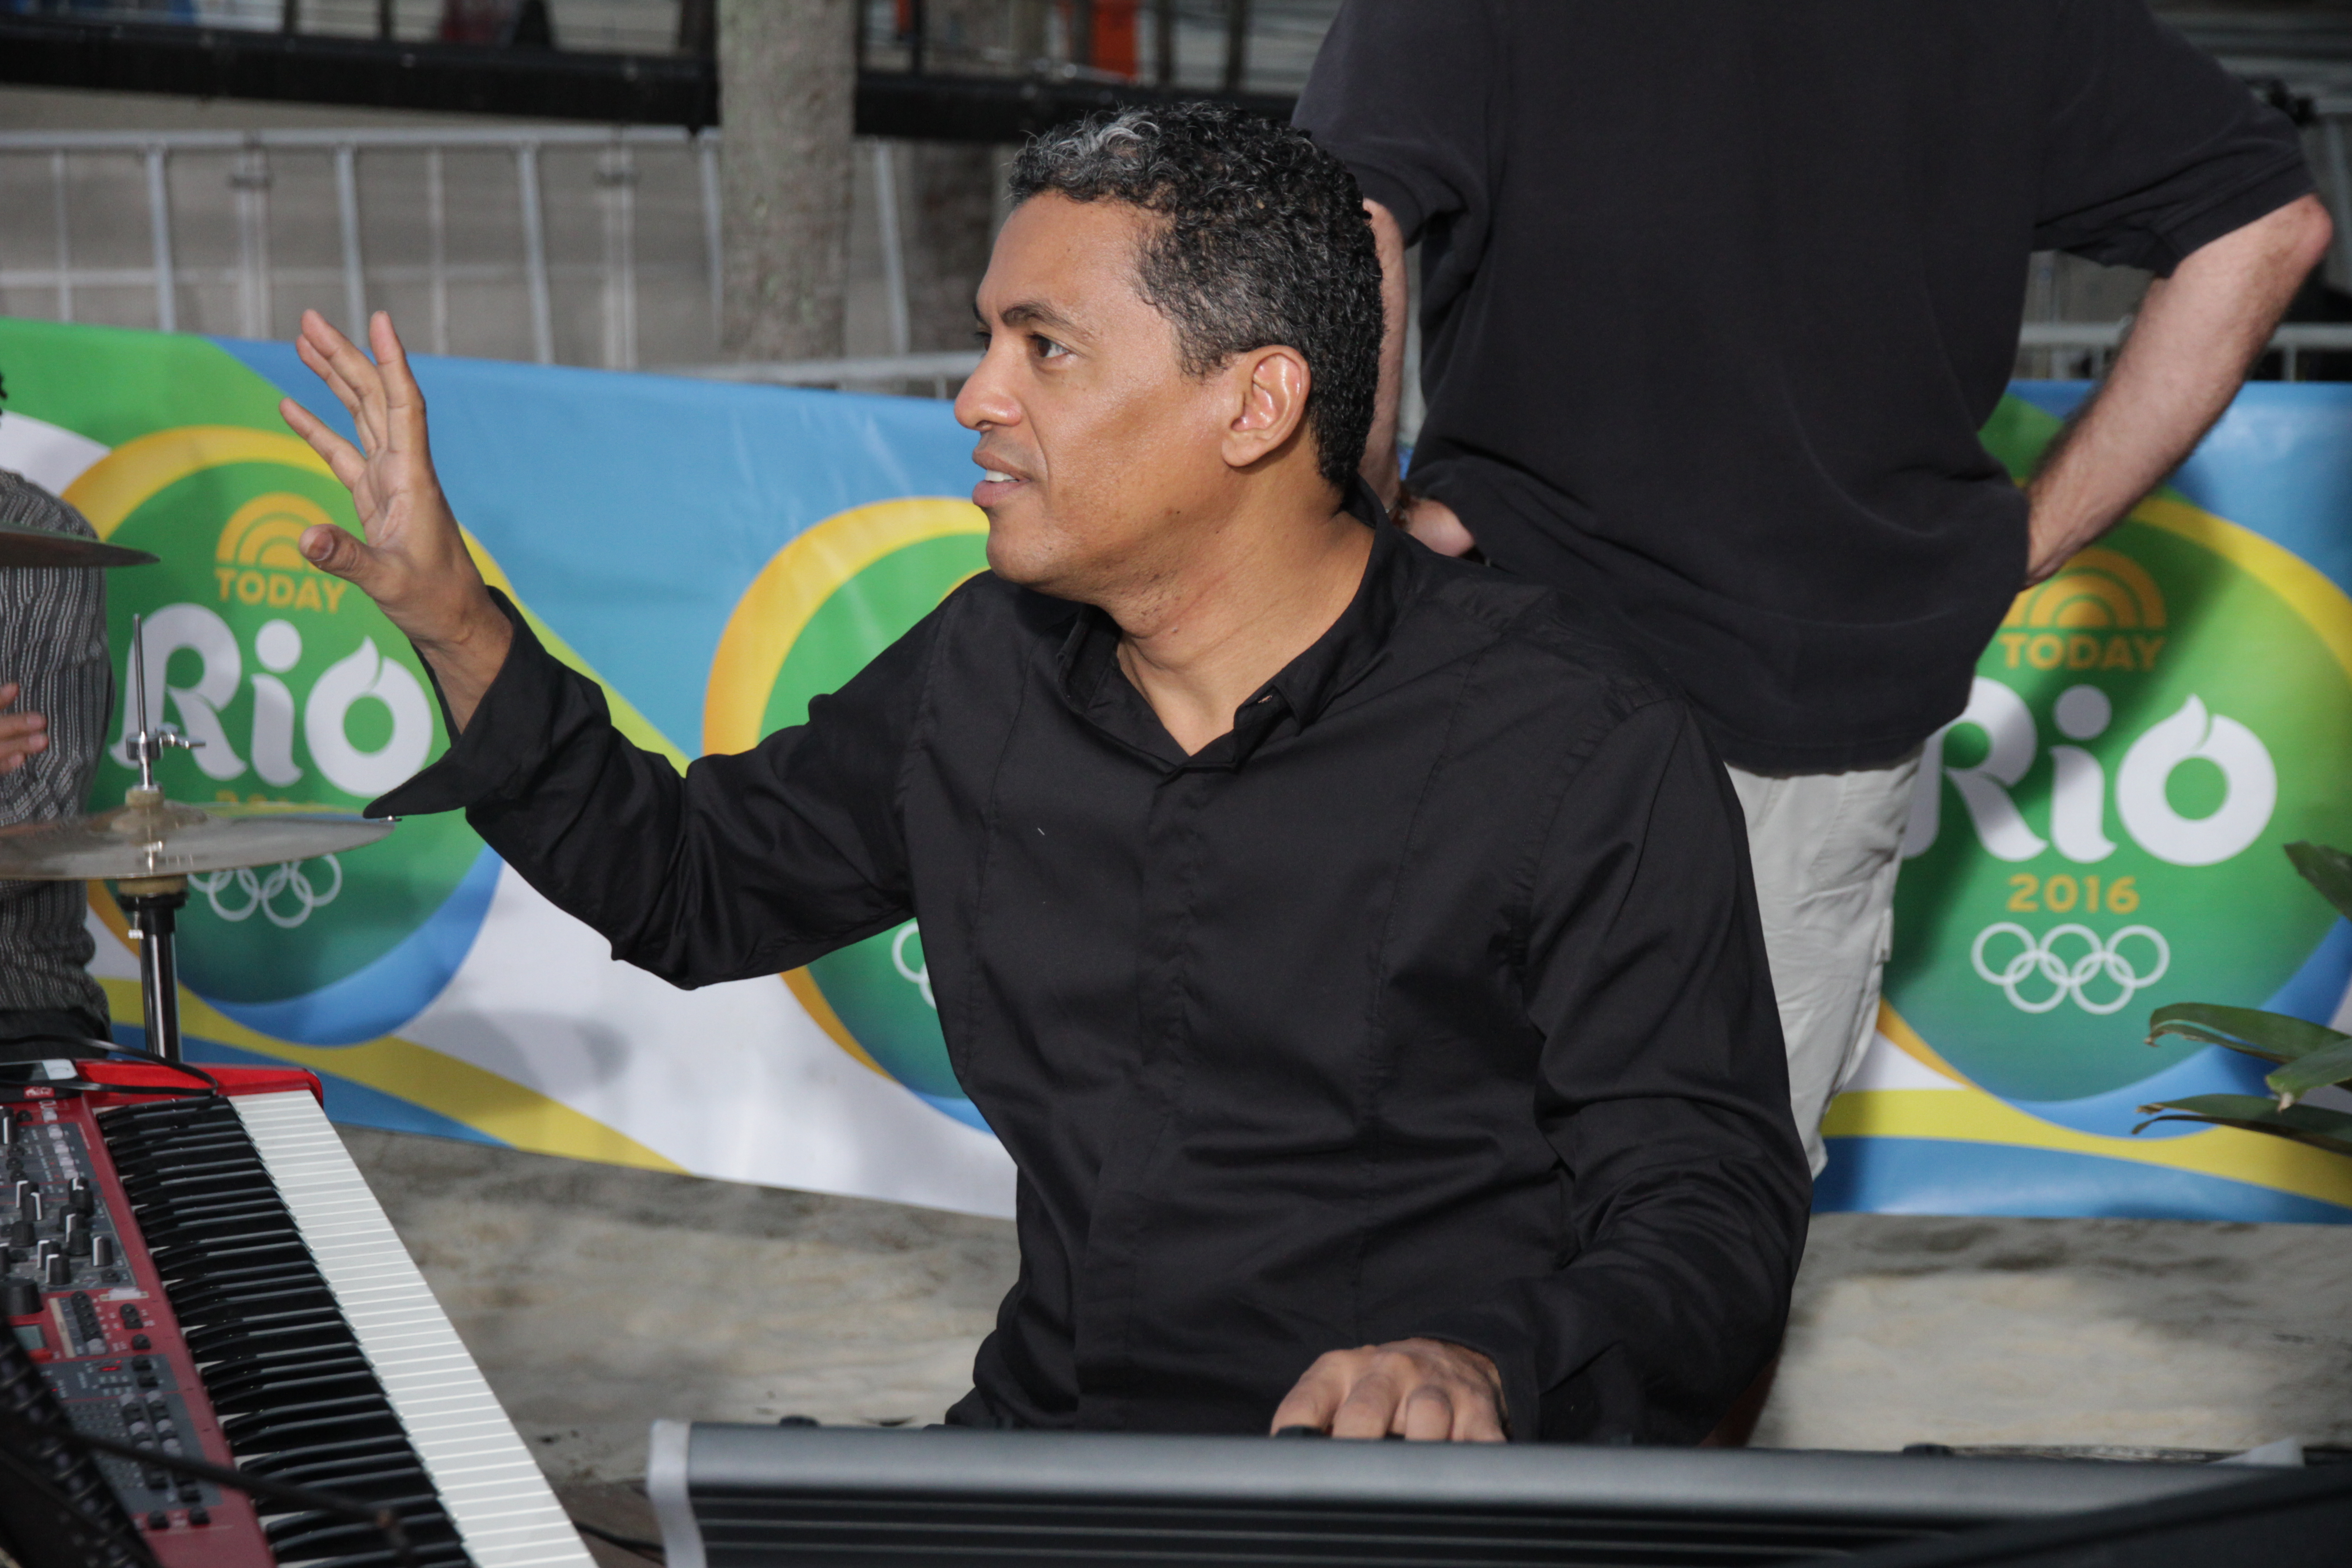 Marco Brito